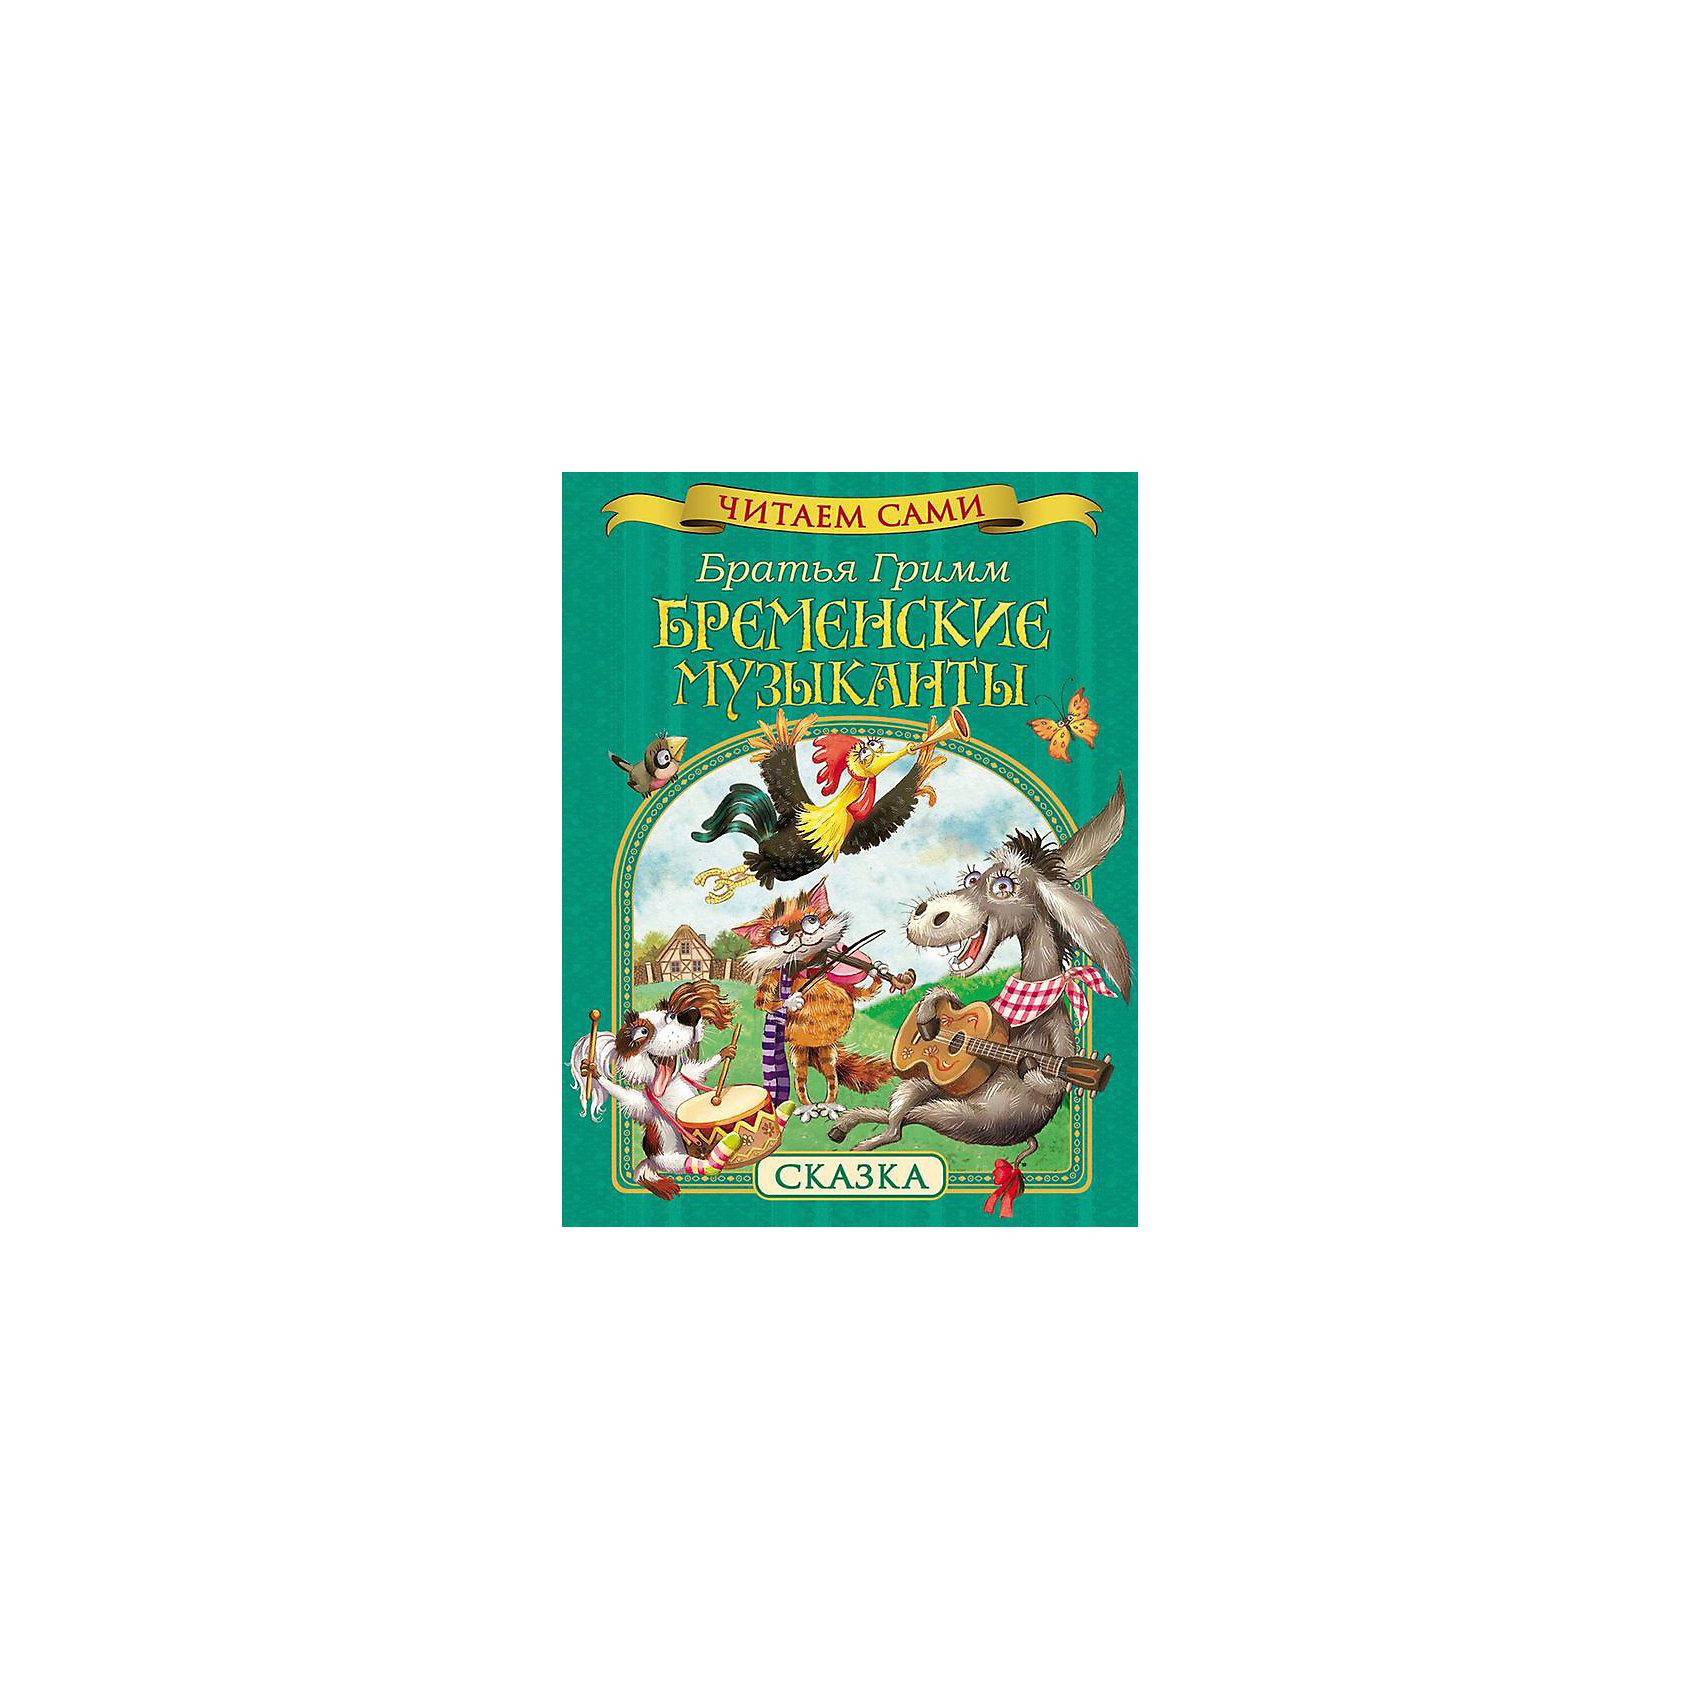 Читаем сами Бременские музыканты, Братья ГриммБратья Гримм<br>Характеристики товара:<br><br>- цвет: разноцветный;<br>- материал: бумага;<br>- страниц: 16;<br>- формат: 16 х 22 см;<br>- обложка: твердая;<br>- иллюстрации.<br><br>Эта интересная книга с иллюстрациями станет отличным подарком для ребенка. Она содержит в себе известную сказку, эту книгу любит не одно поколение! Талантливый иллюстратор дополнил книгу качественными рисунками, которые помогают ребенку проникнуться духом сказки.<br>Чтение - отличный способ активизации мышления, оно помогает ребенку развивать зрительную память, концентрацию внимания и воображение. Издание произведено из качественных материалов, которые безопасны даже для самых маленьких.<br><br>Издание Читаем сами Бременские музыканты, Братья Гримм от компании Росмэн можно купить в нашем интернет-магазине.<br><br>Ширина мм: 215<br>Глубина мм: 162<br>Высота мм: 3<br>Вес г: 50<br>Возраст от месяцев: 36<br>Возраст до месяцев: 72<br>Пол: Унисекс<br>Возраст: Детский<br>SKU: 5109907